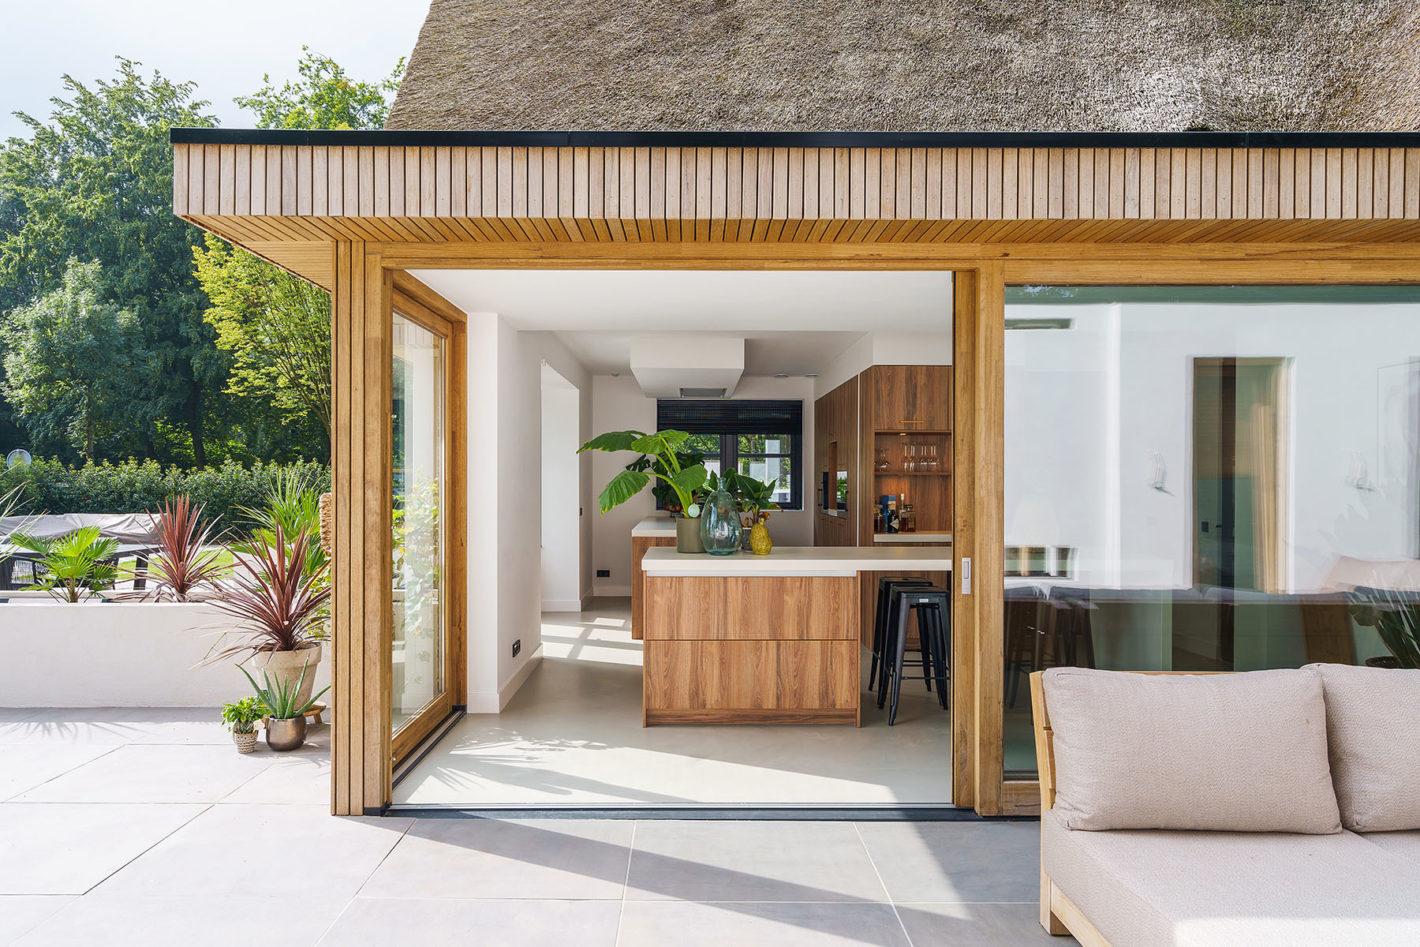 Keuken met natuurlijke materialen